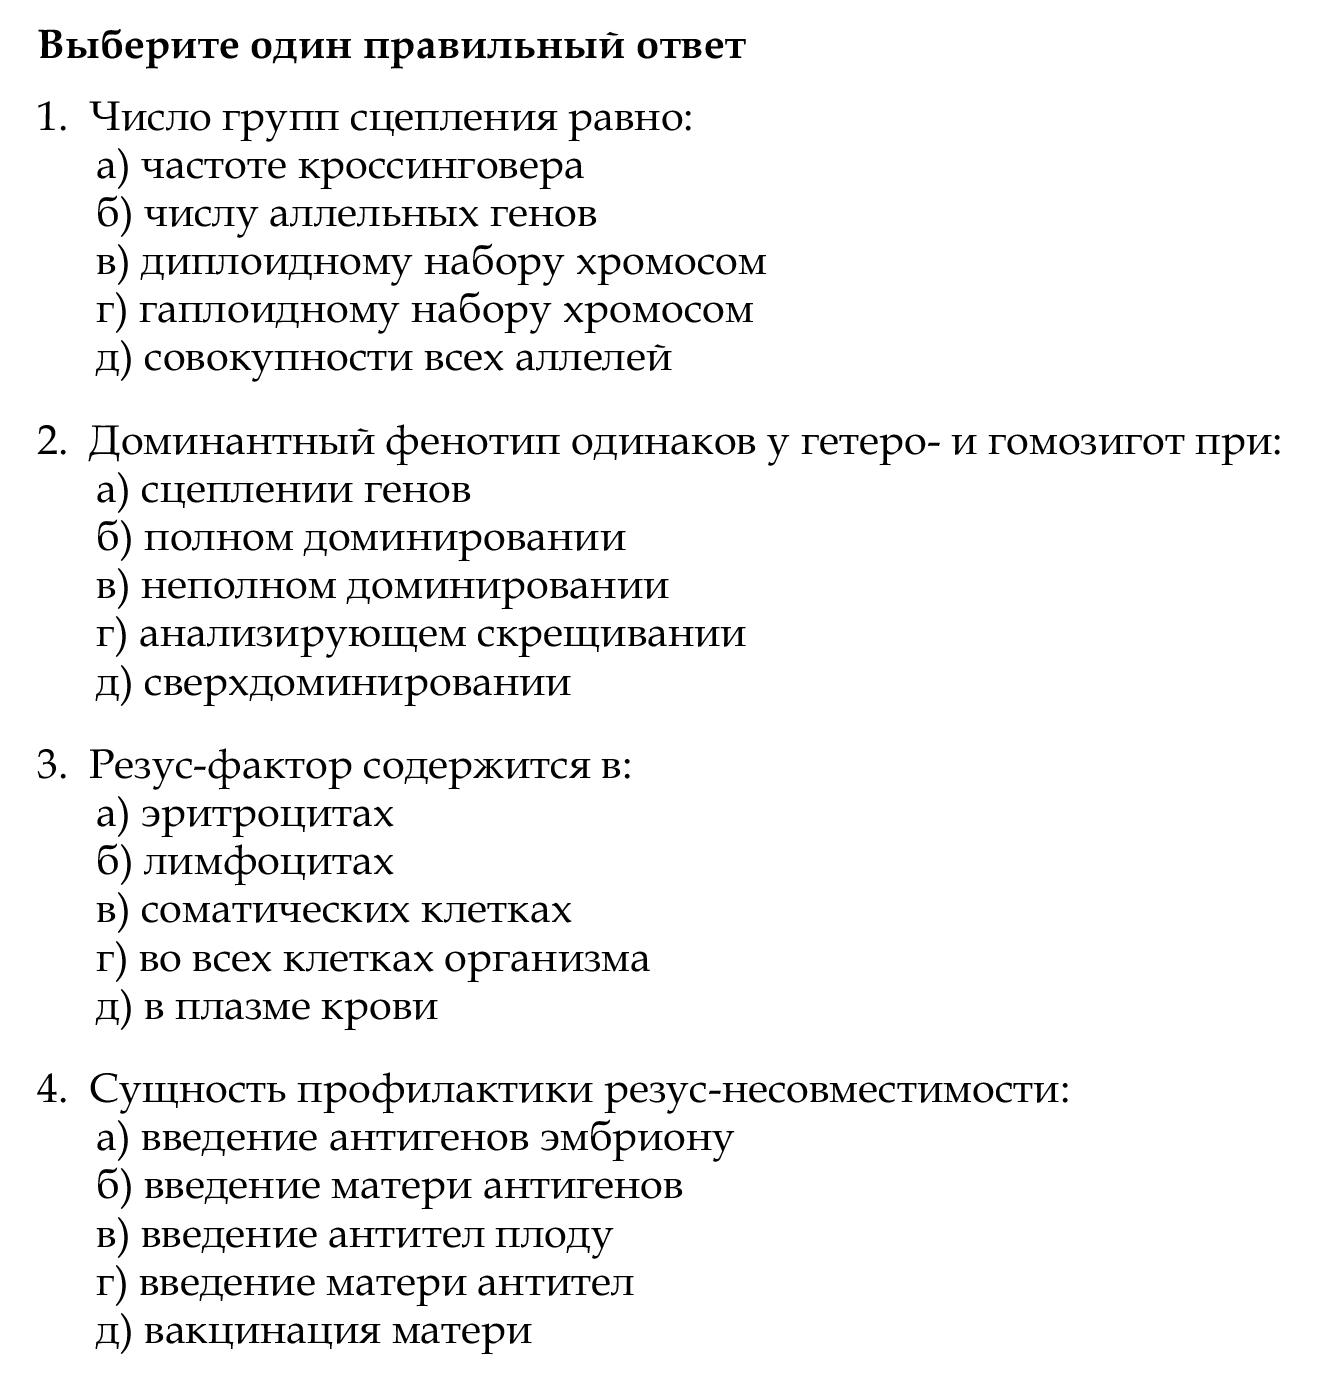 Хроматин Половой